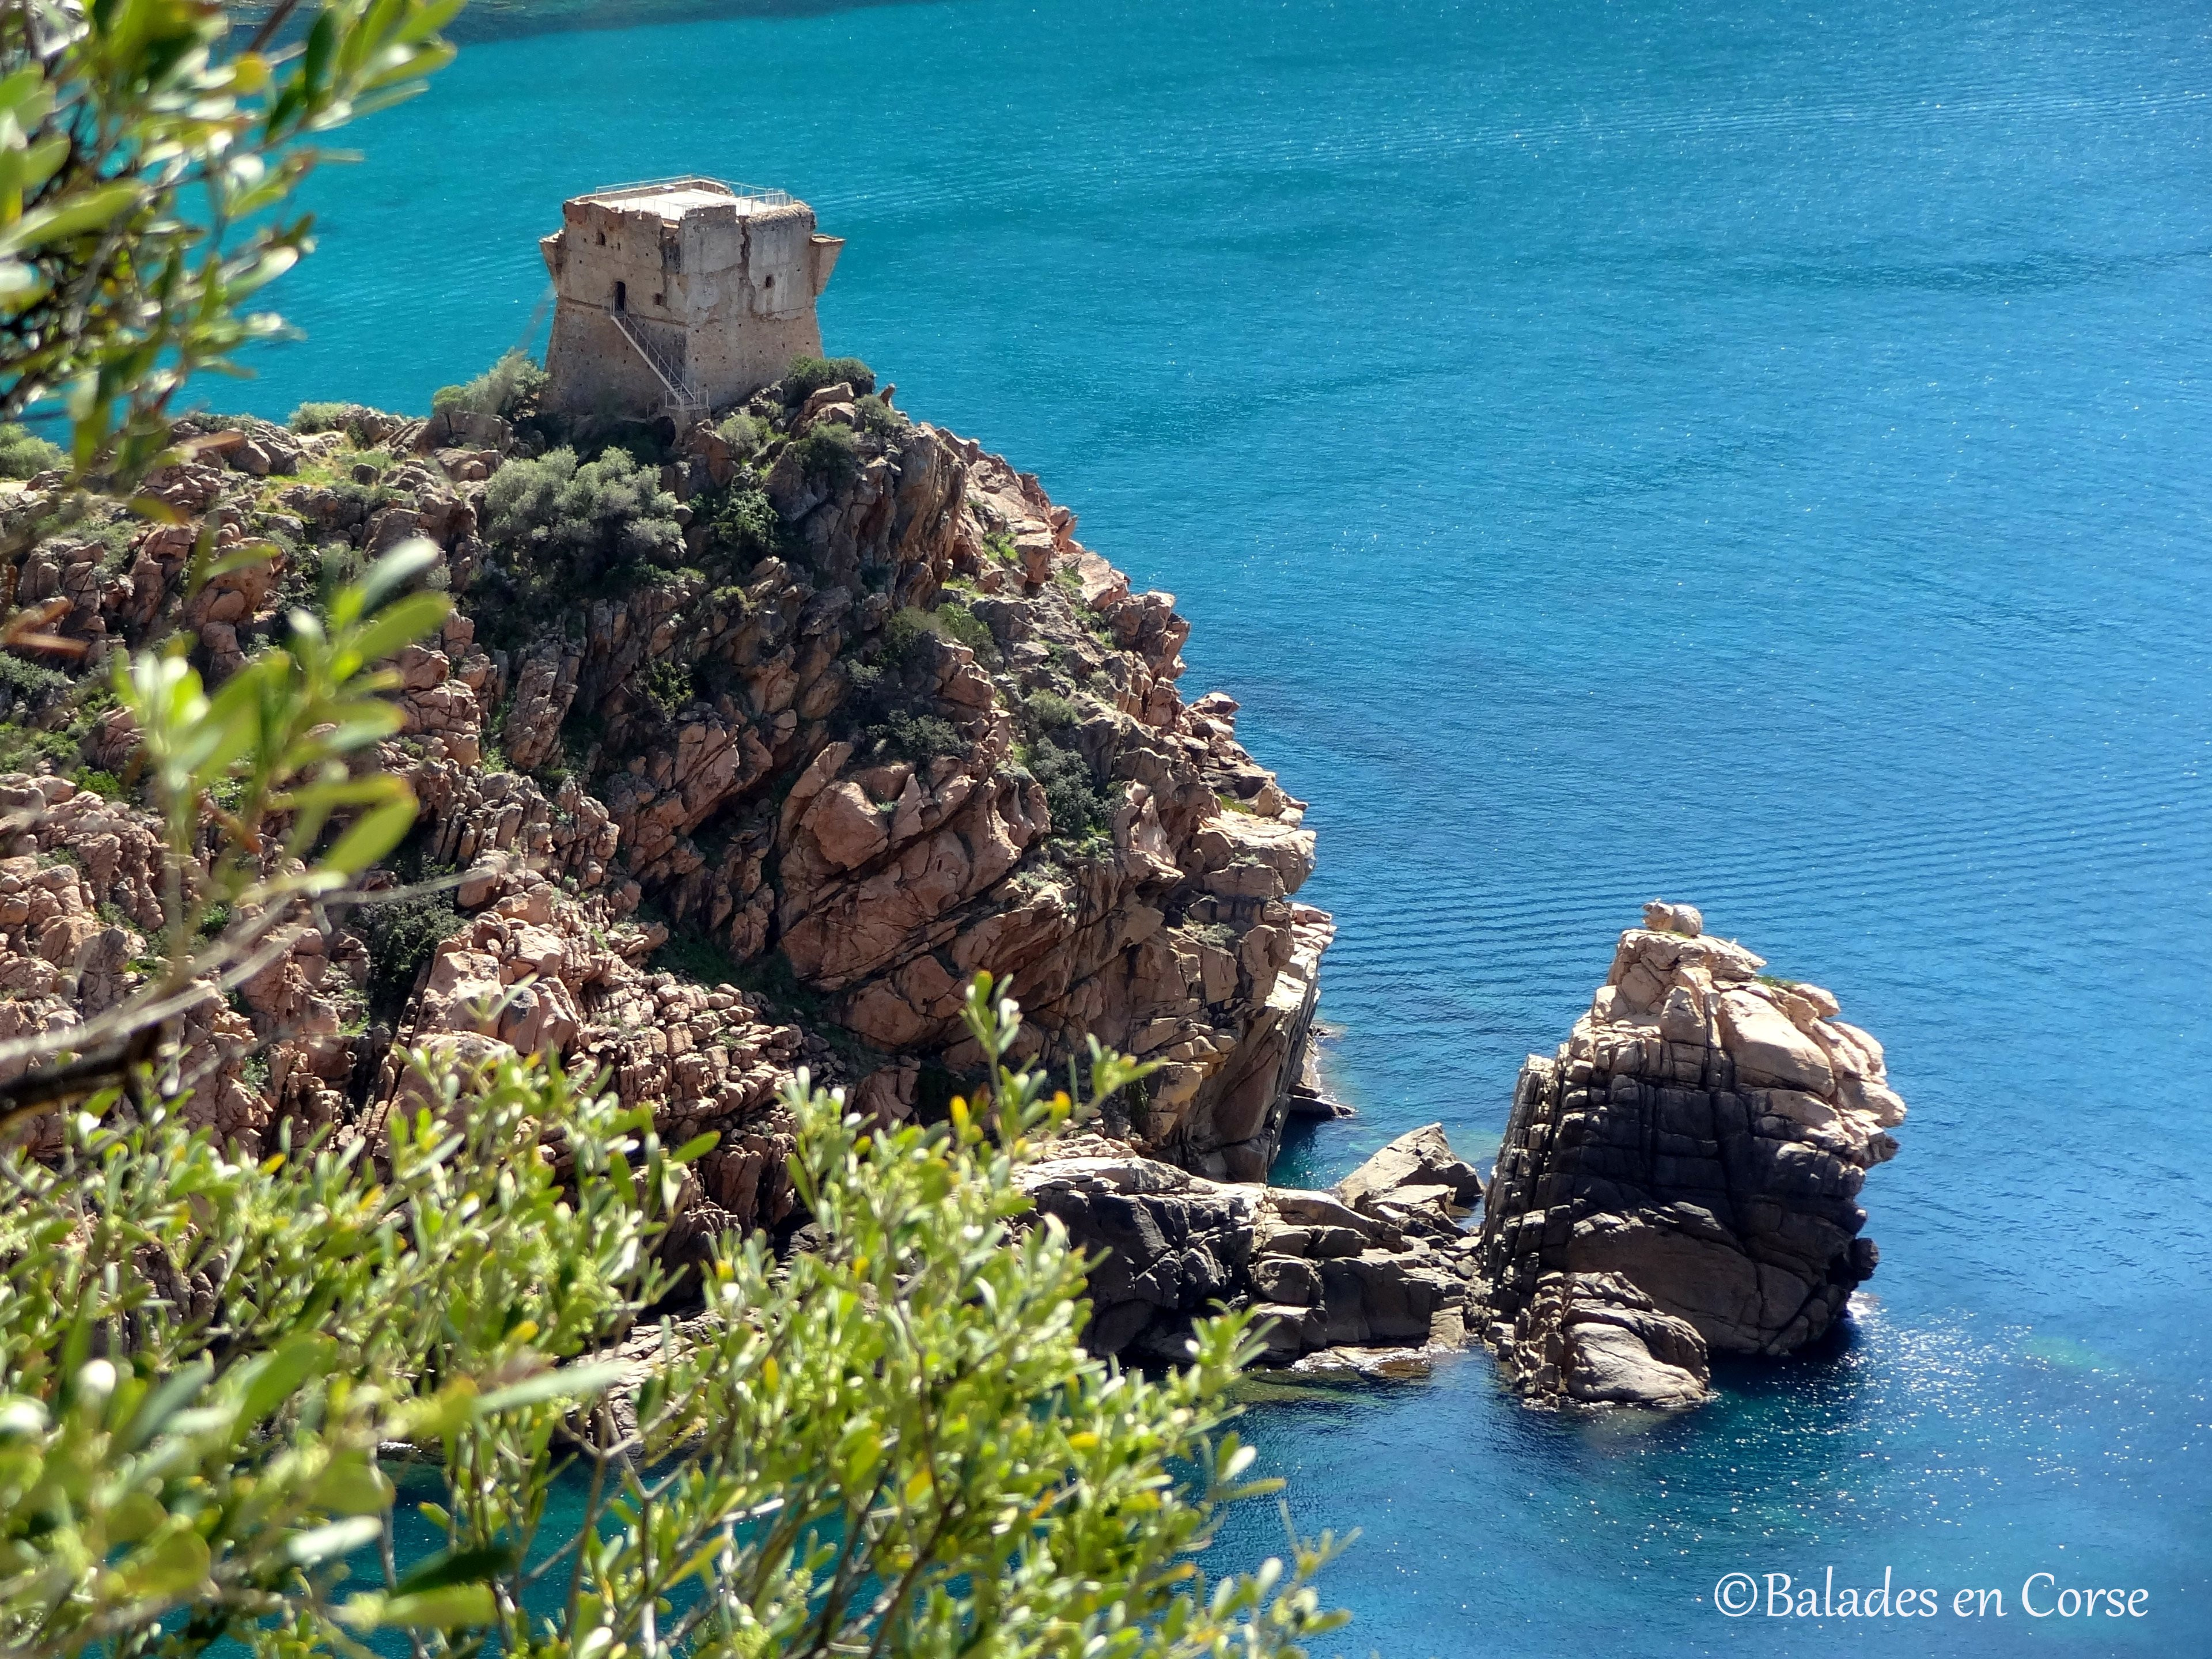 Balades en Corse | Porto